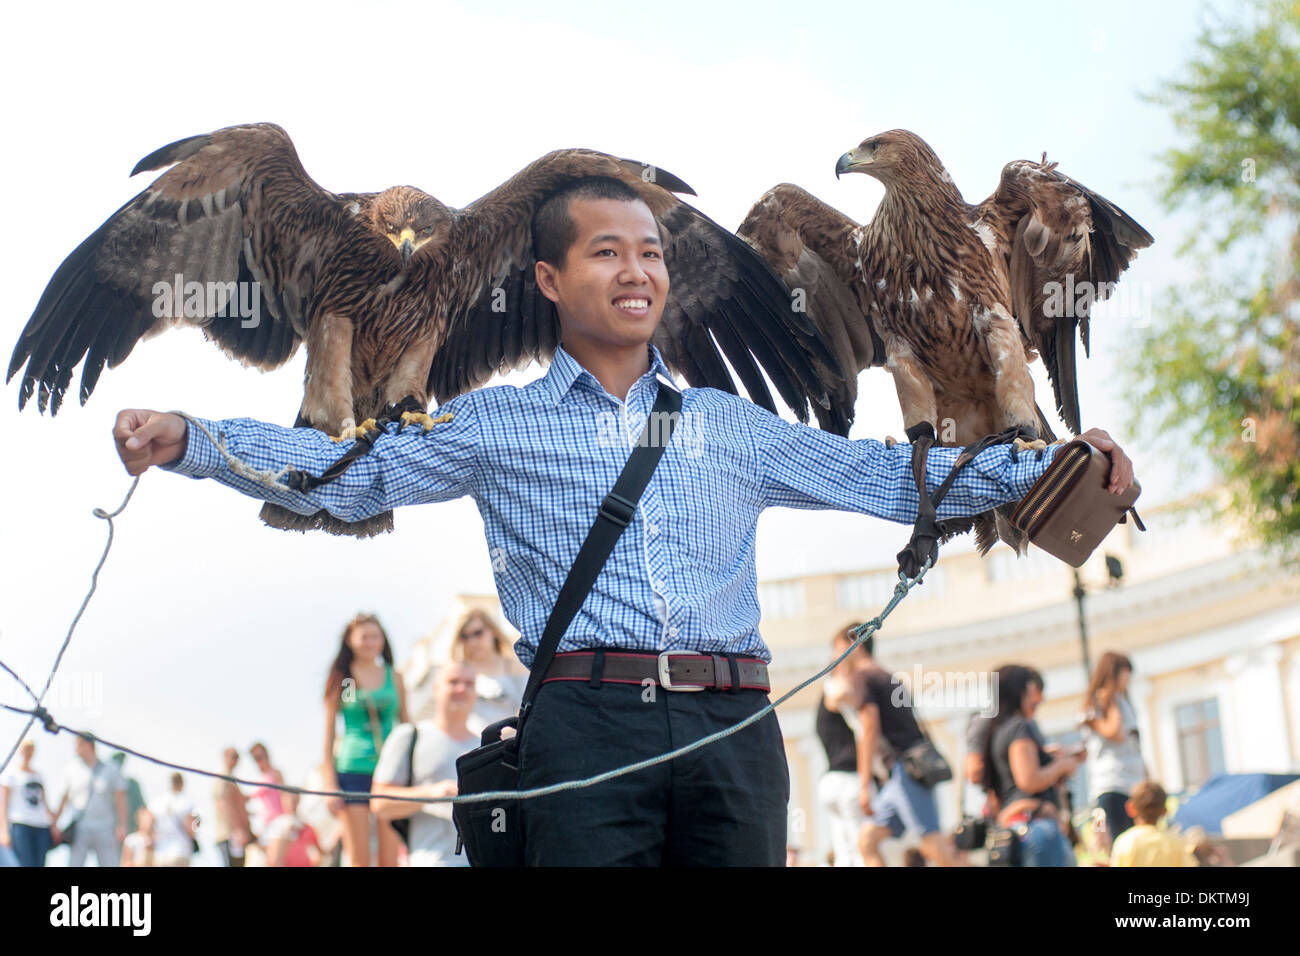 Se faire photographier avec les aigles de tourisme sur l'Escalier de Potemkine à Odessa, Ukraine. Photo Stock